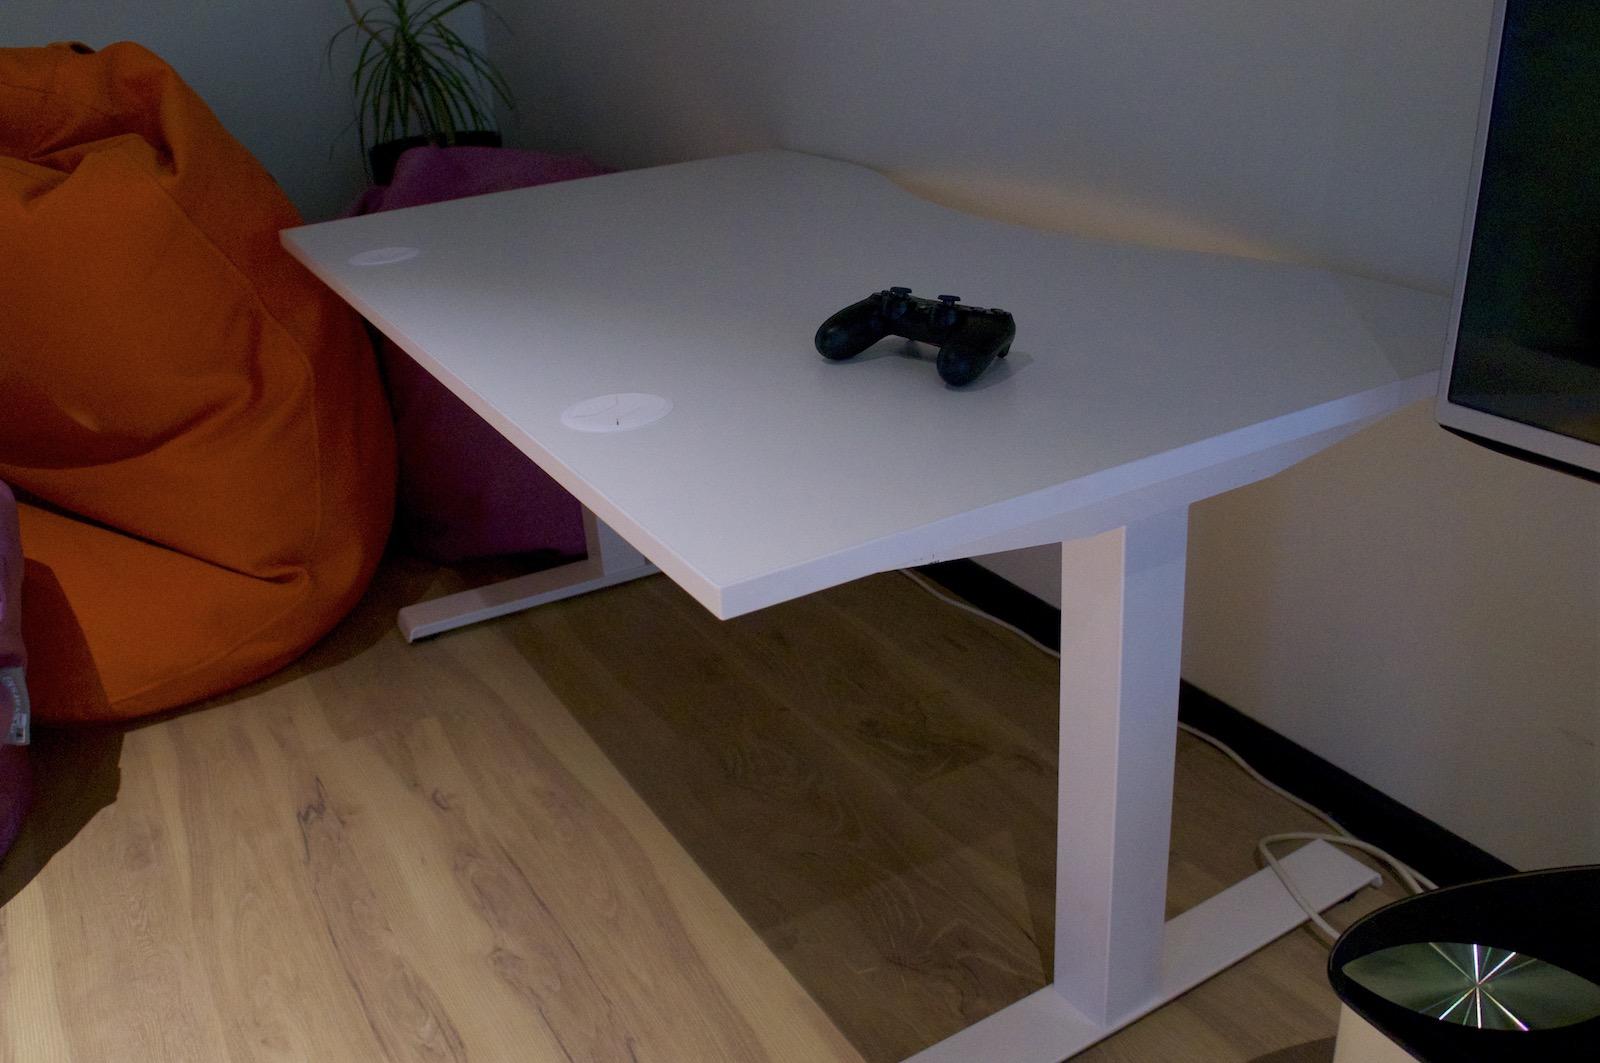 Столи з електроприводом та регулюванням висоти використовуються в офісі скрізь. Це дає змогу працювати стоячи за бажанням